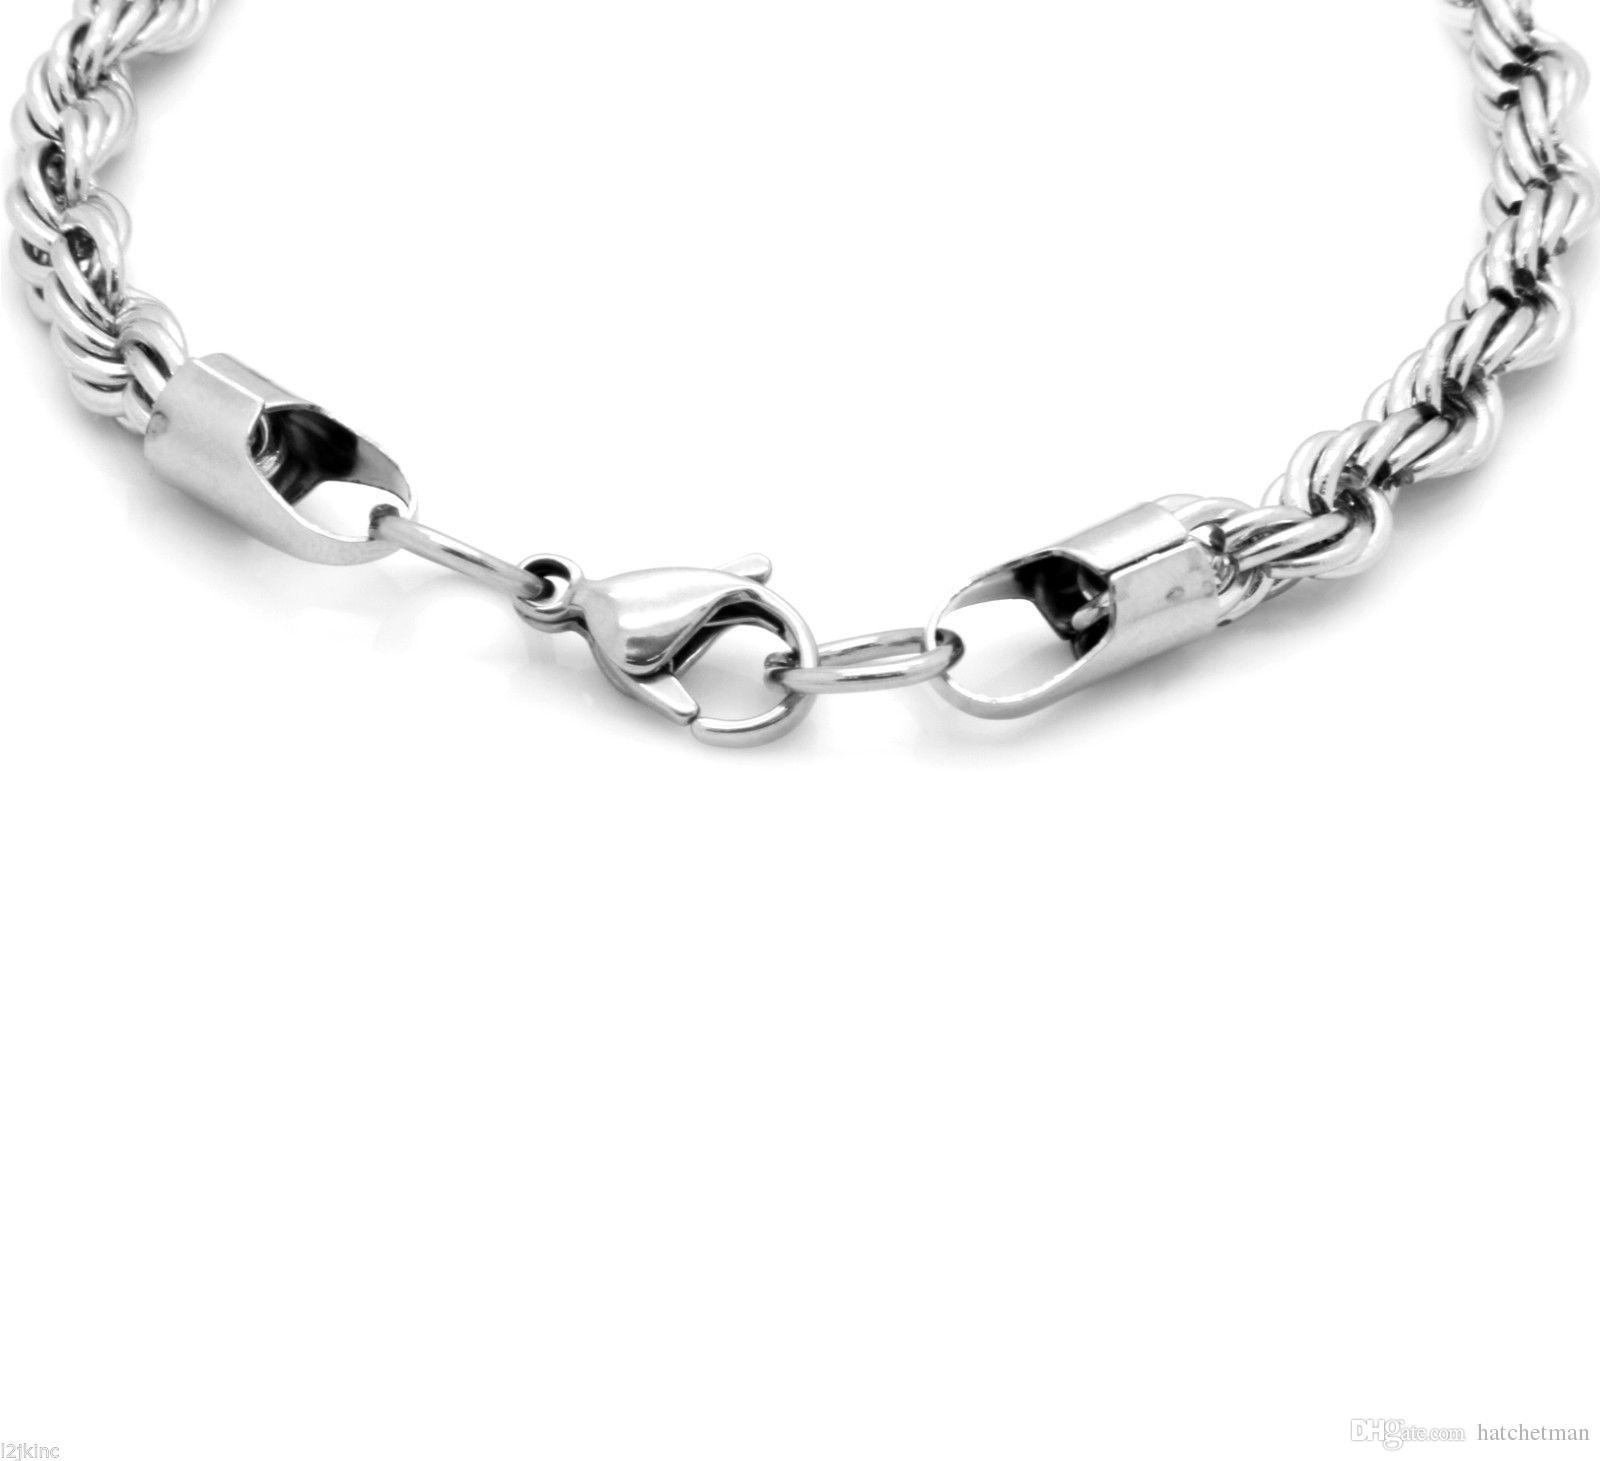 Collana in acciaio inossidabile da 5 mm con catena a corda francese Collana da uomo da 30